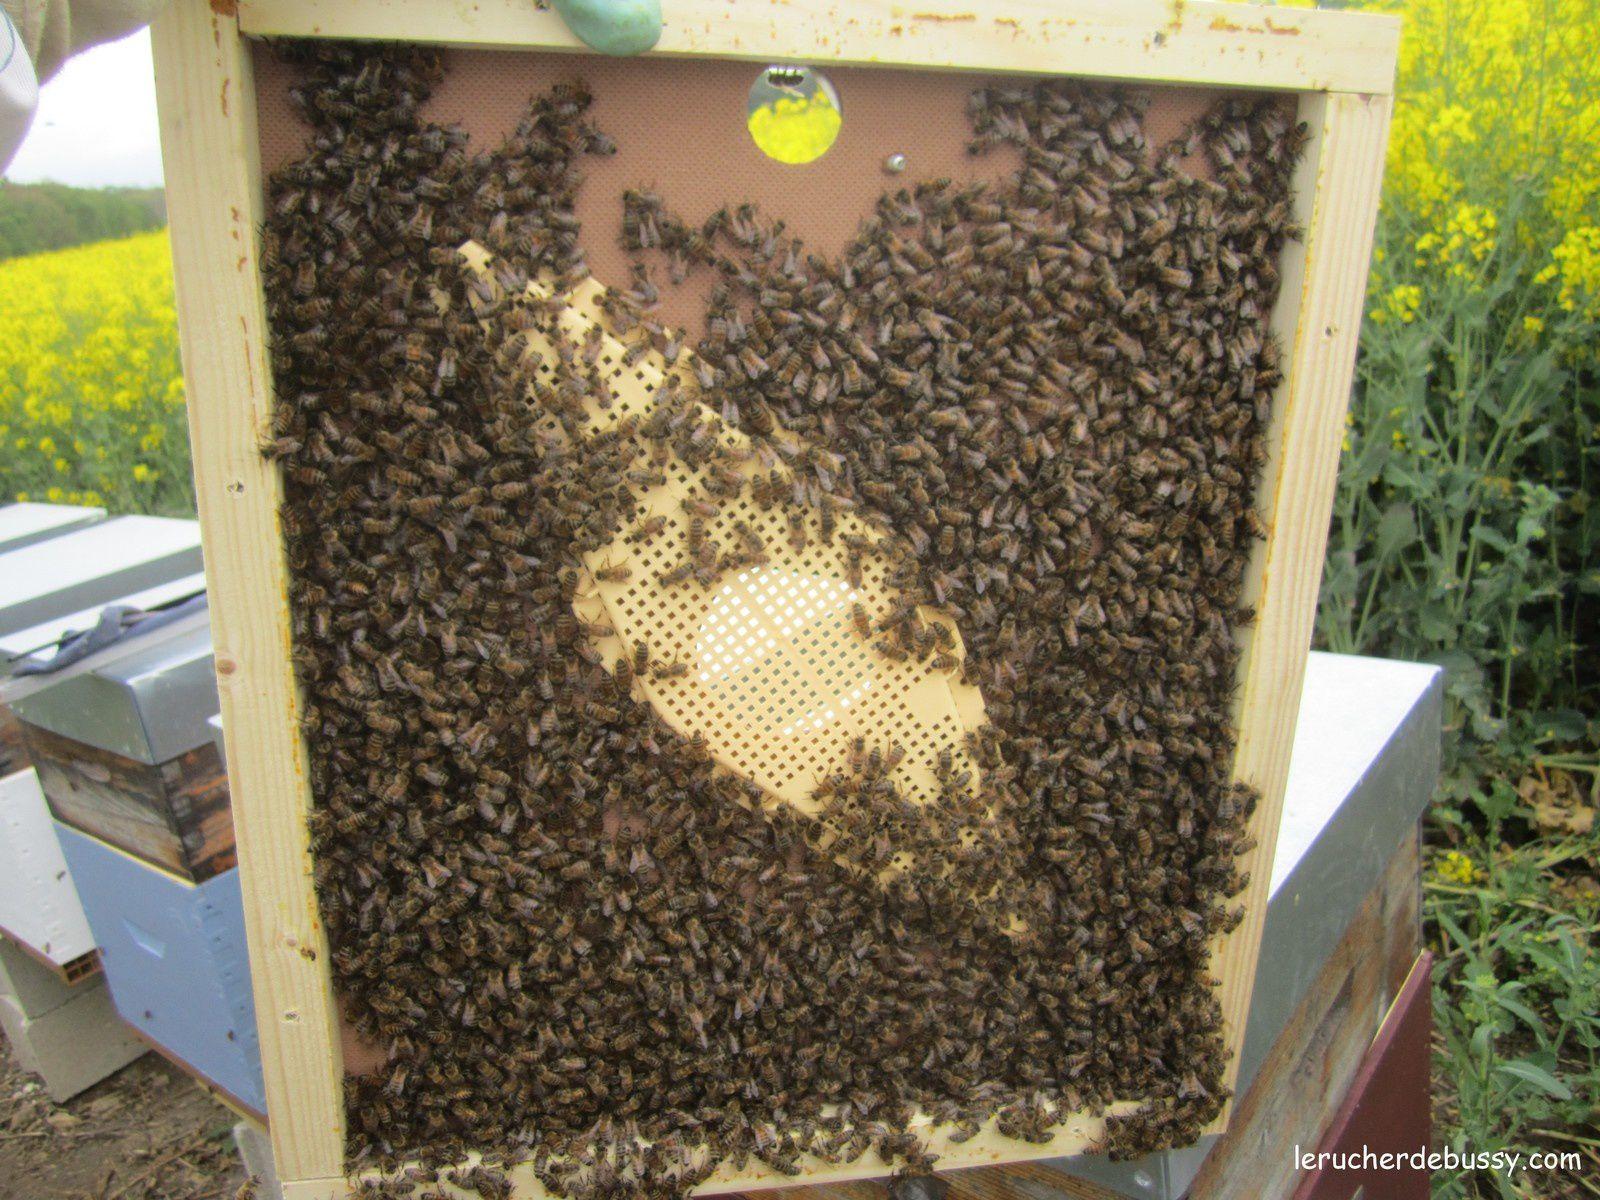 Magnifique printemps apicole!